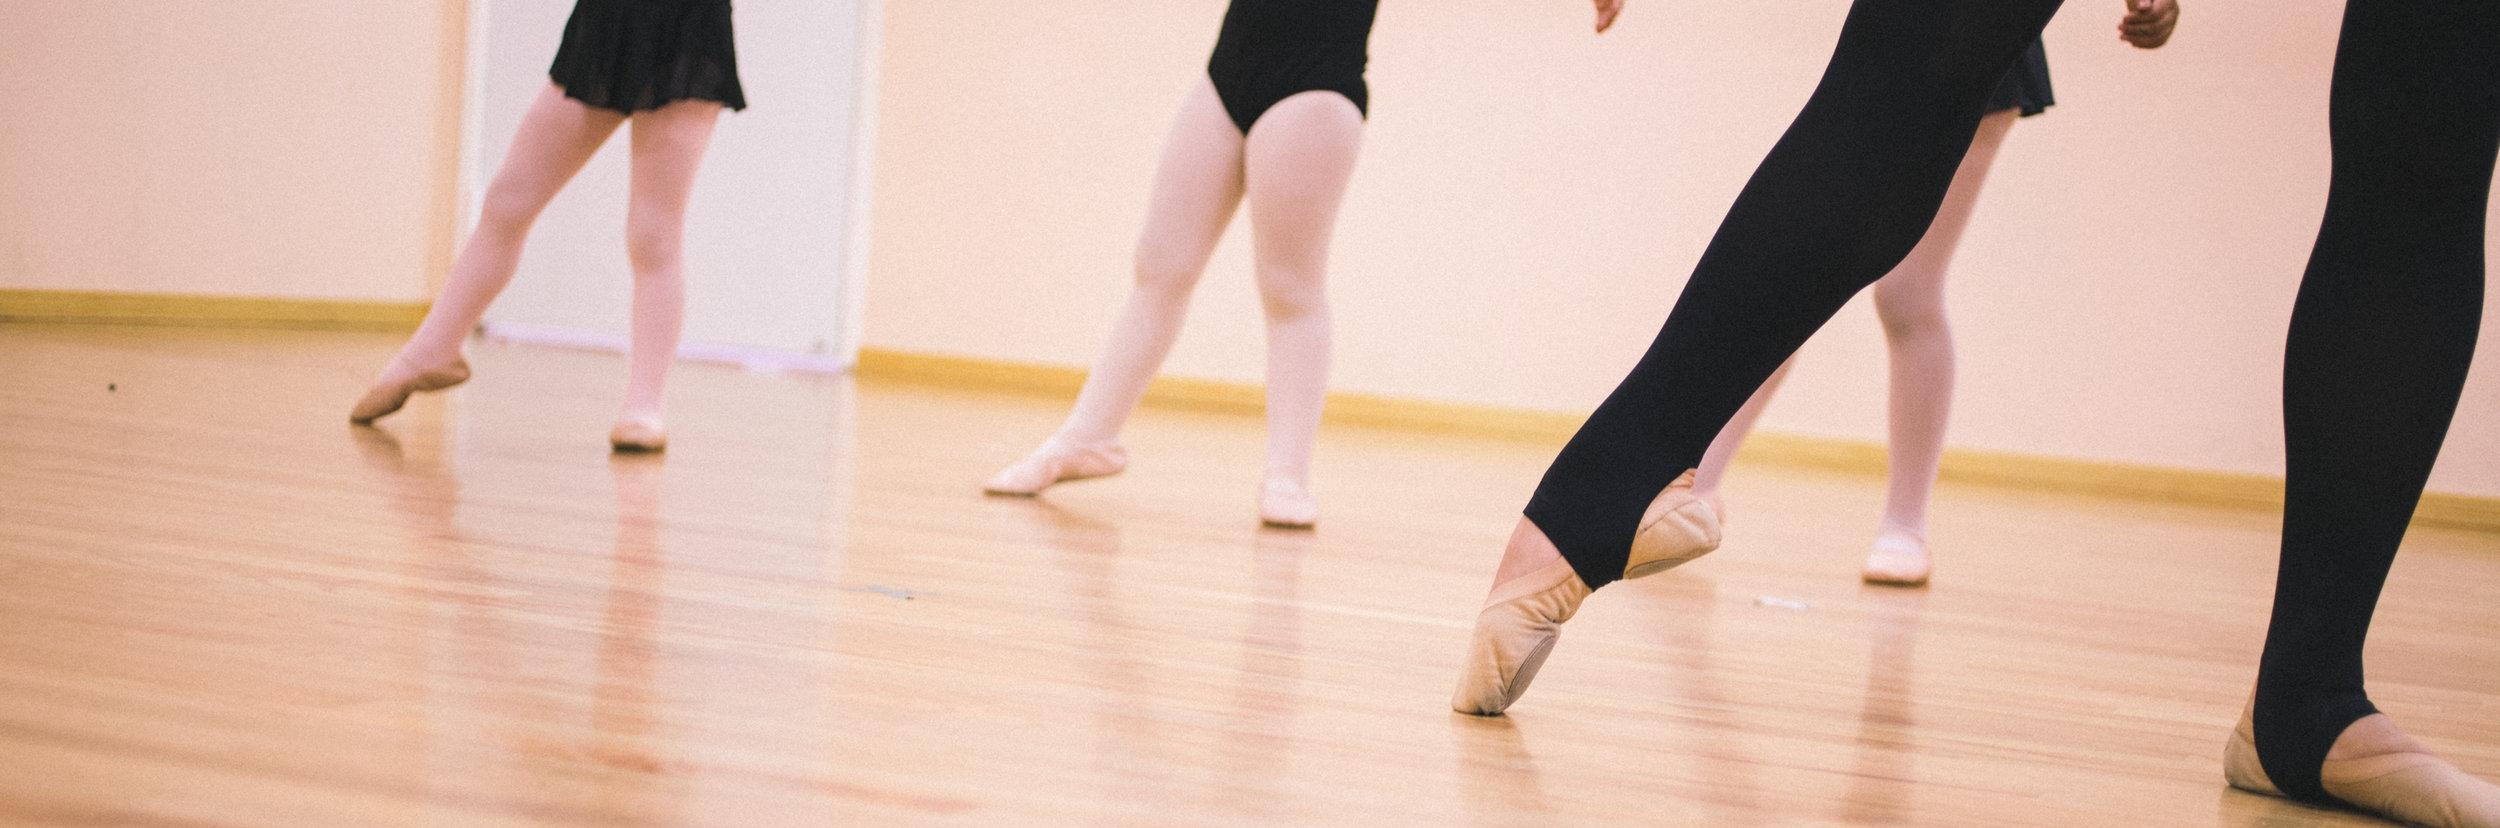 SP_DanceStudio_225.jpg